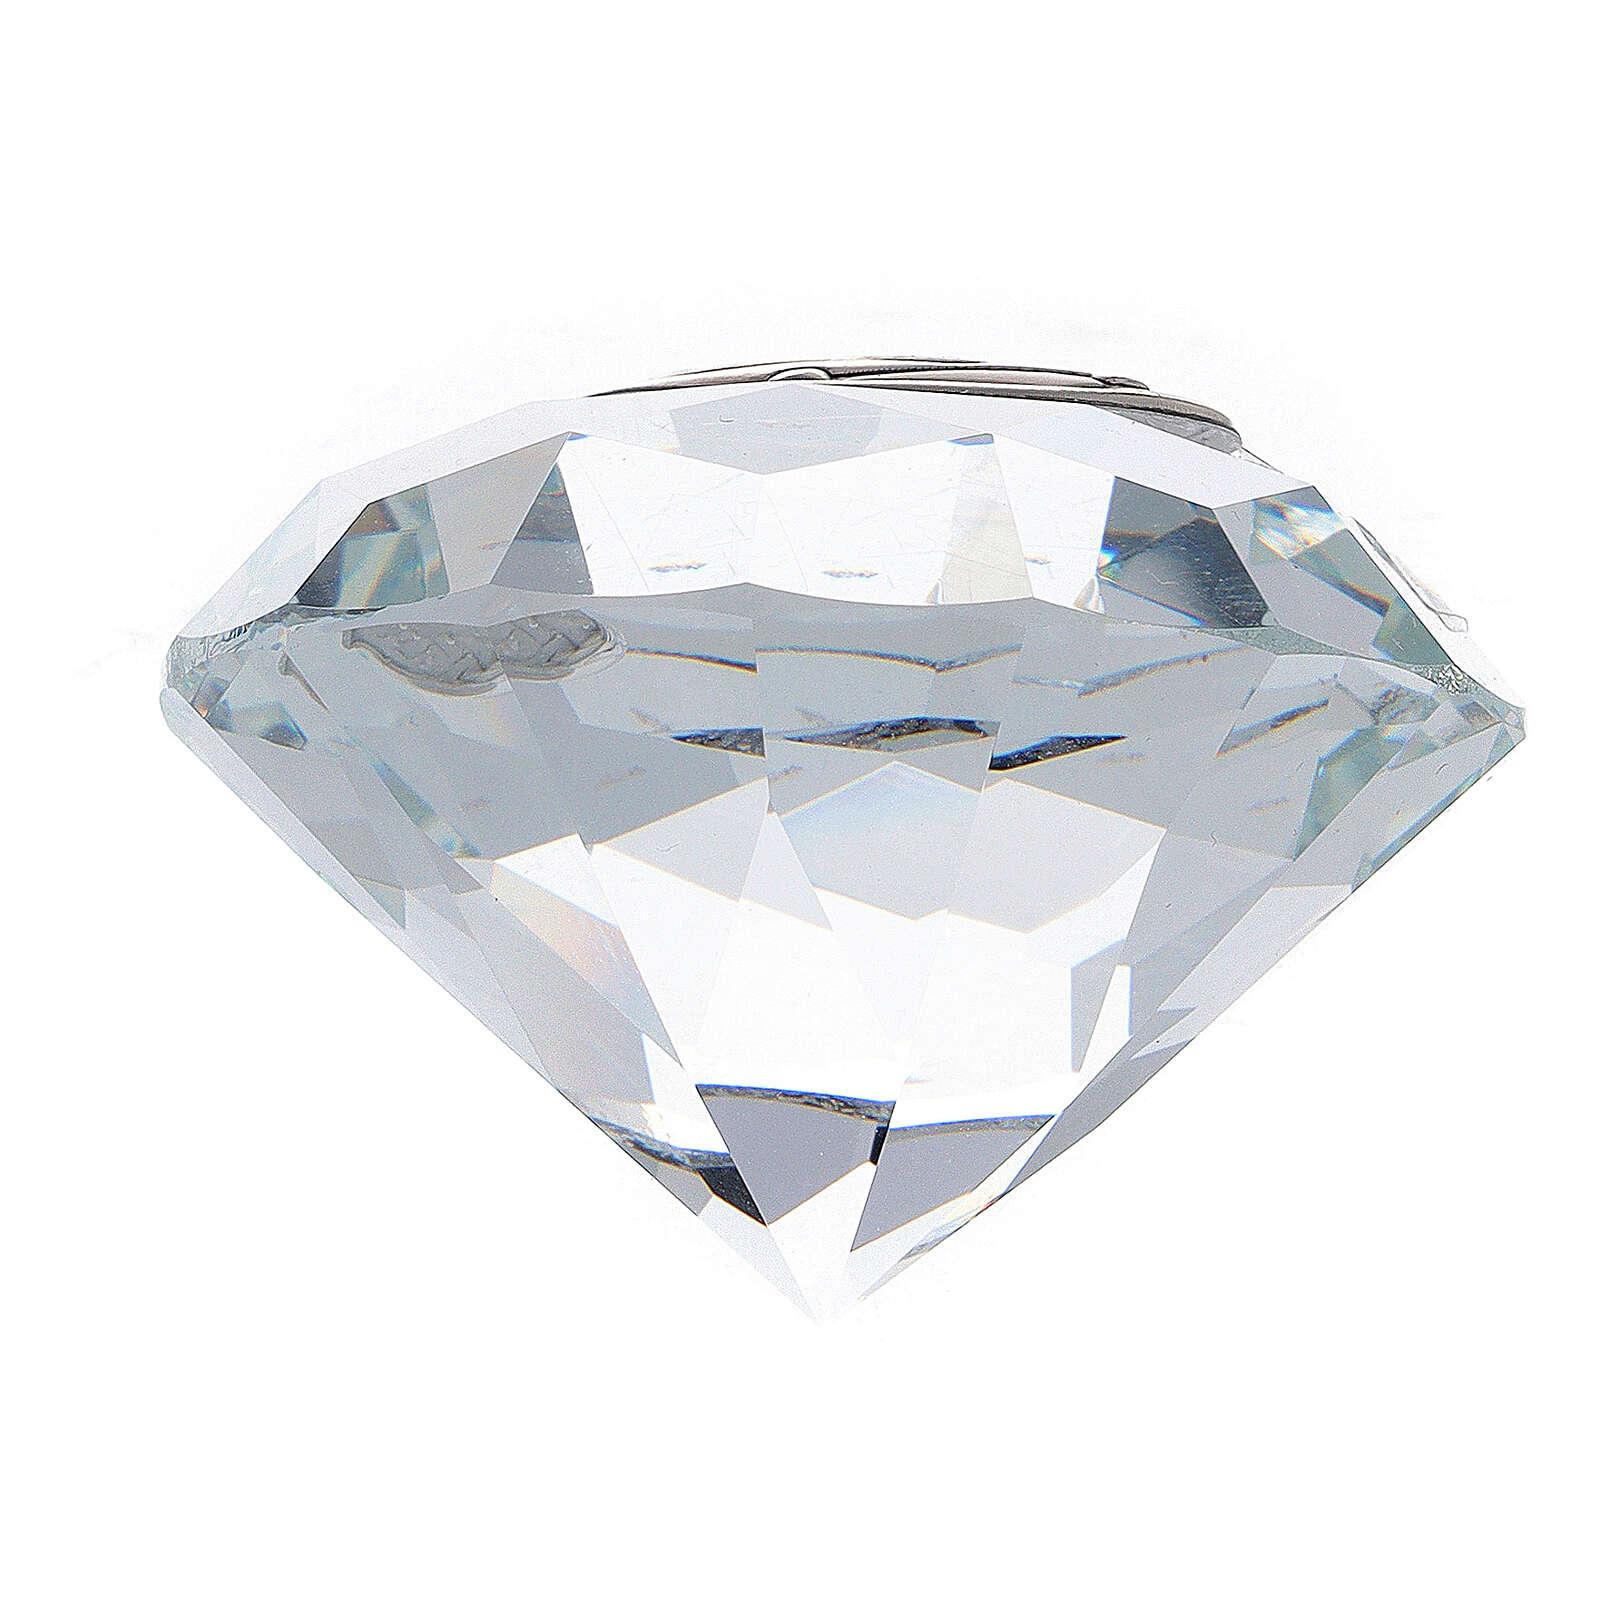 Lembrancinha casamento vidro forma diamante 3